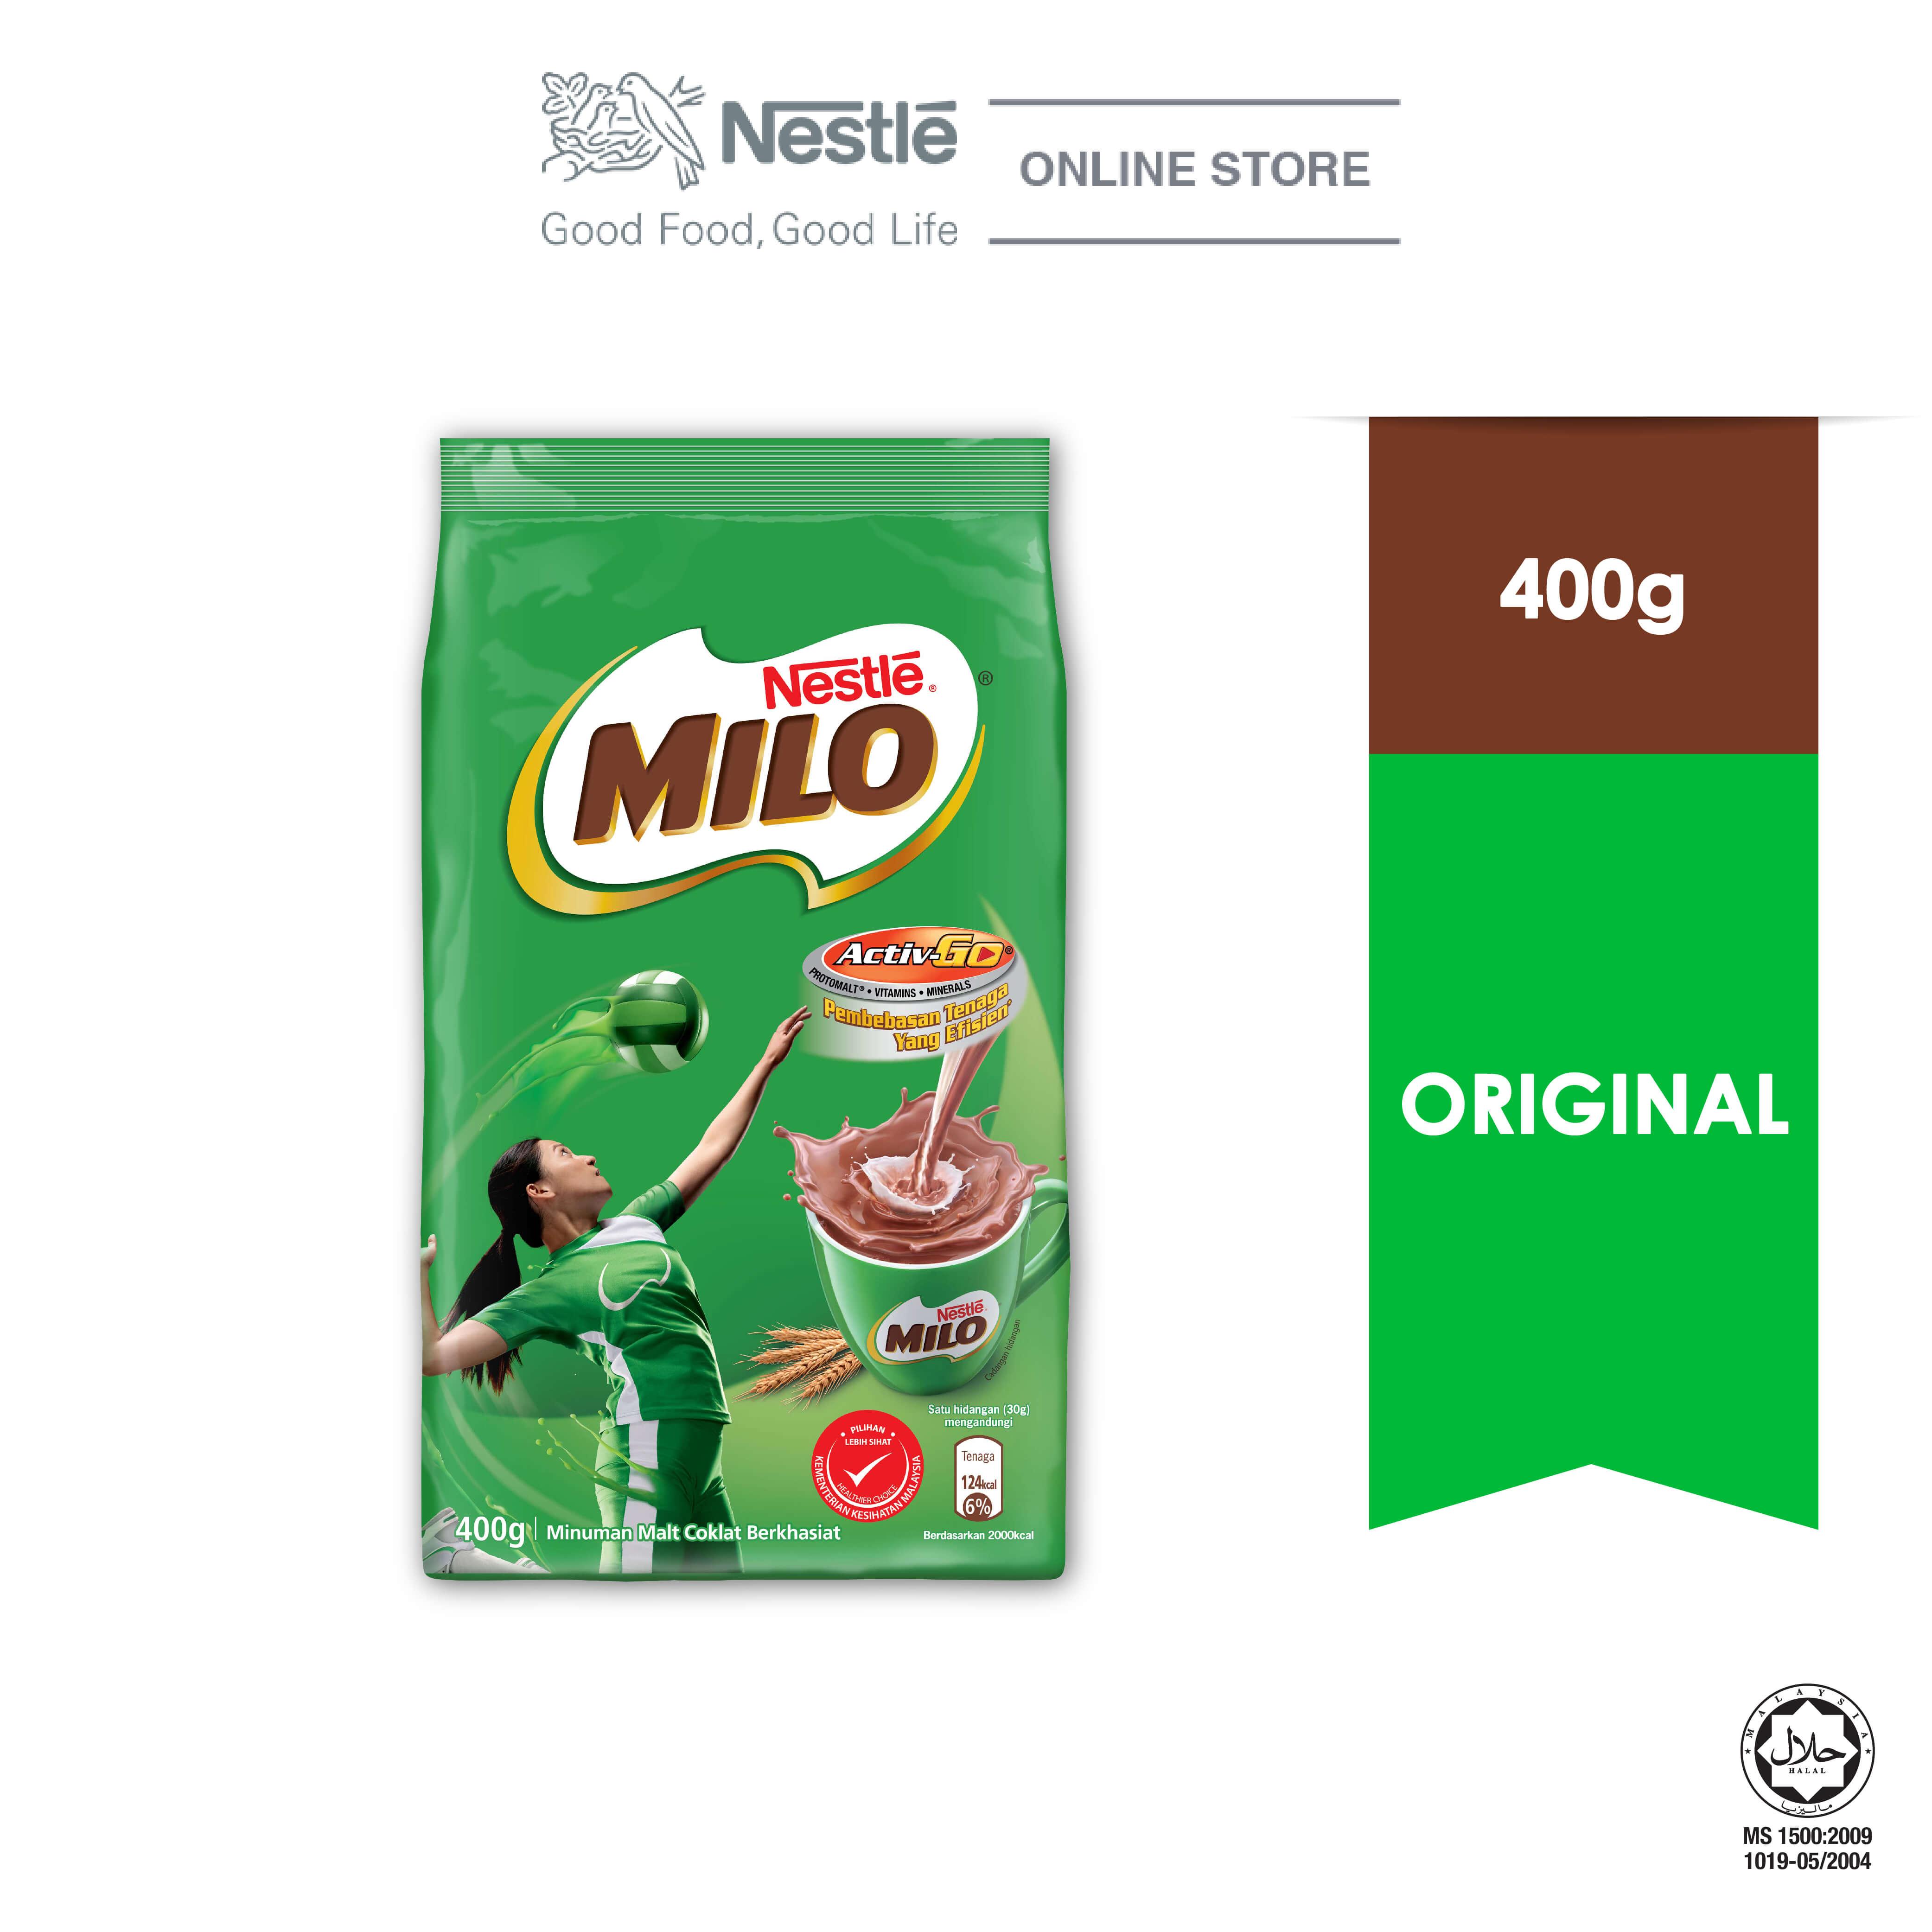 NESTLÉ MILO ACTIV-GO CHOCOLATE MALT POWDER Soft Pack 400g